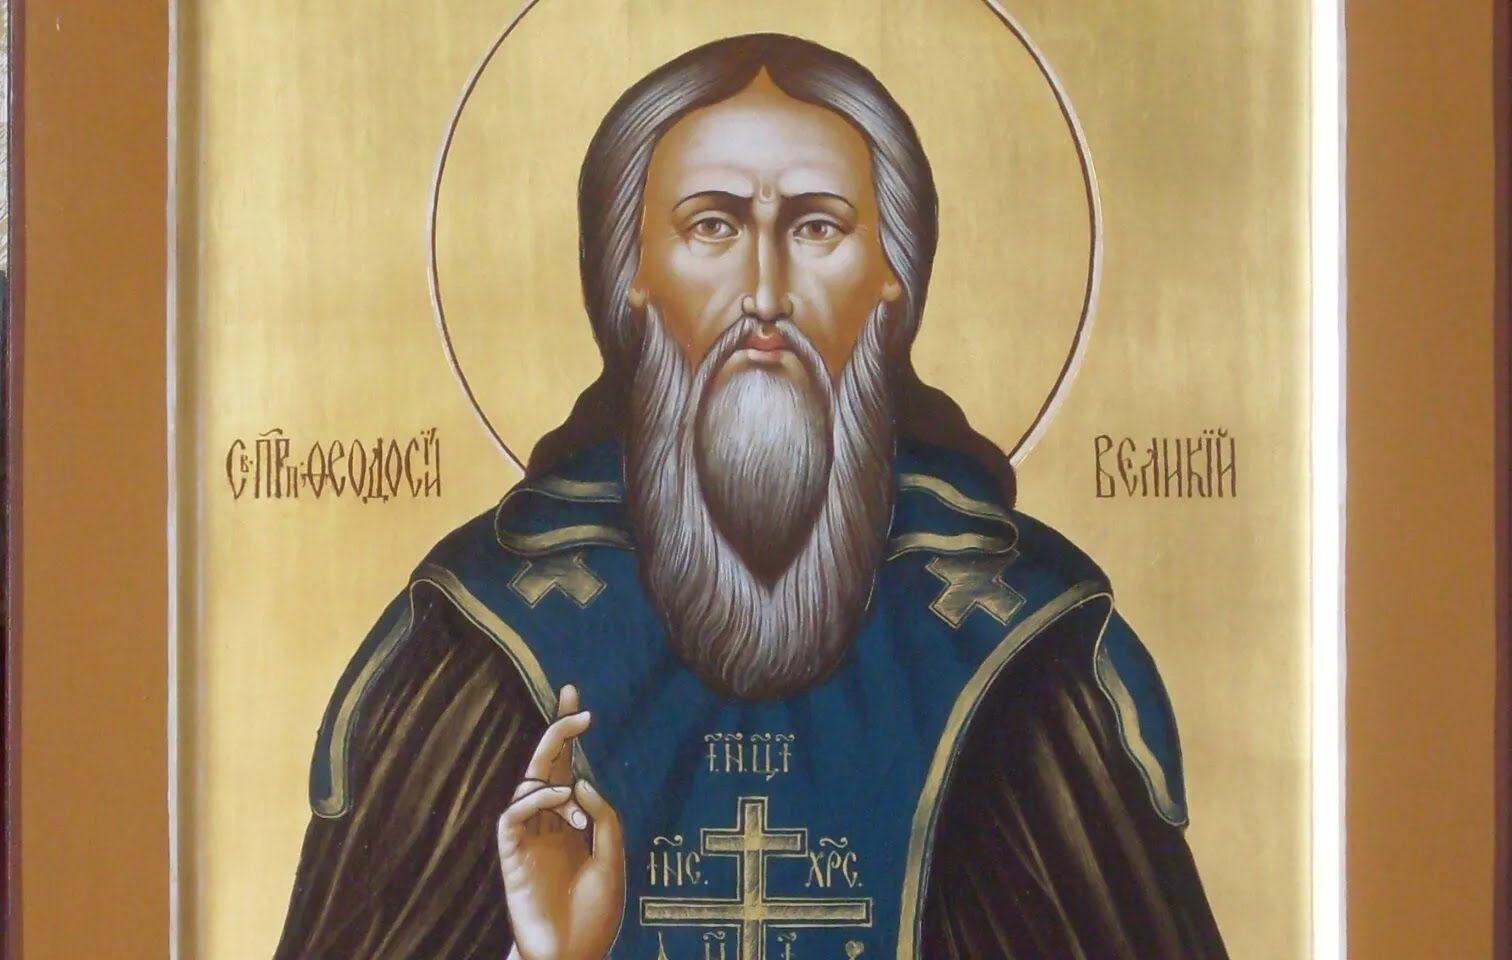 Ім'я Феодосія в православ'ї співвідносять з преподобними Феодосієм Кіновіархом і мучеником Феодосієм Сірмірским.